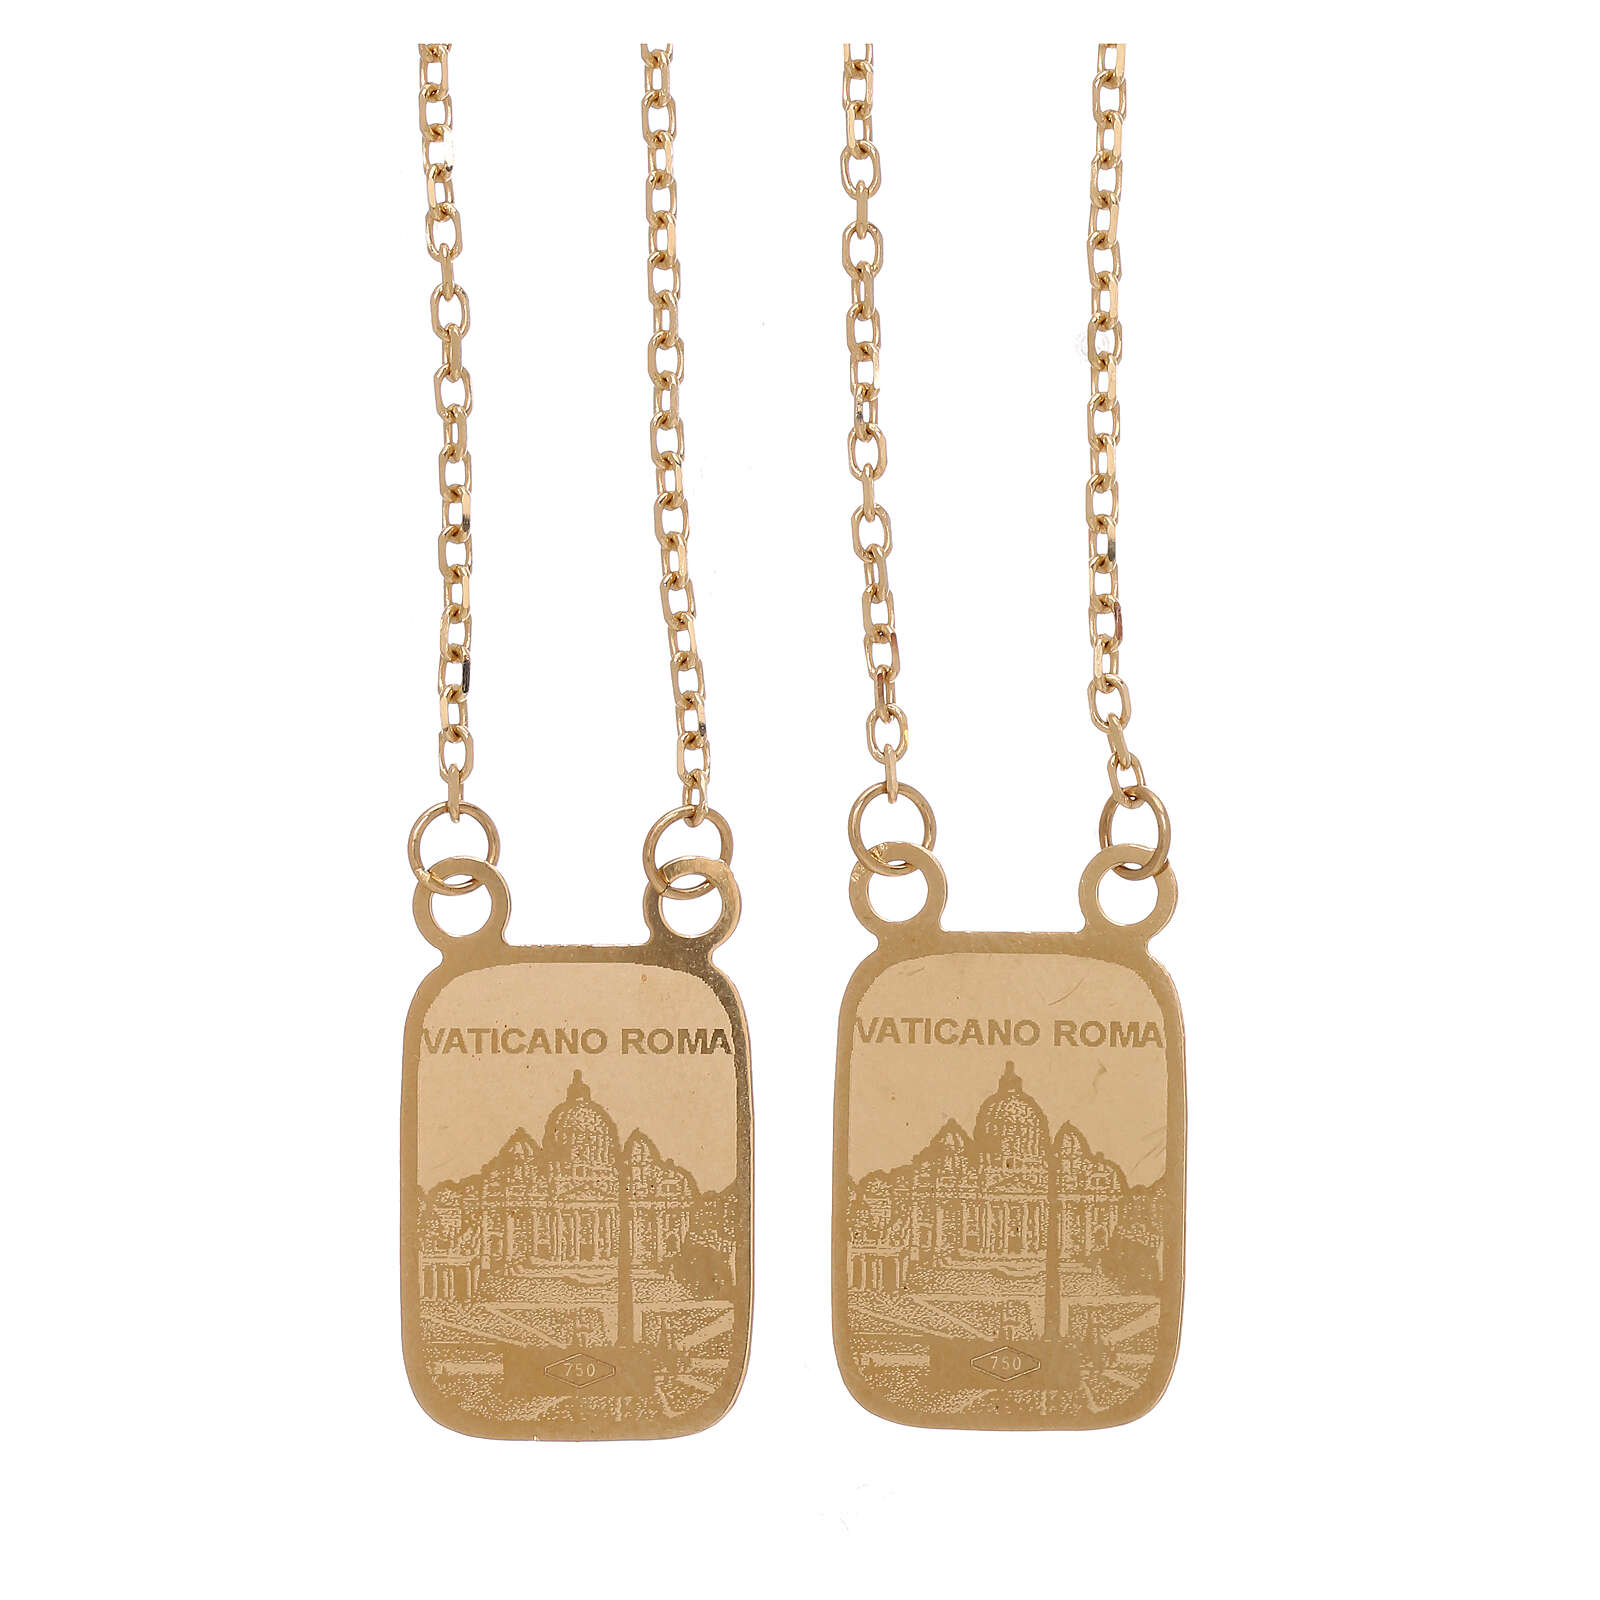 Vatican scapular color medals 18-carat yellow gold 5.2 gr 4